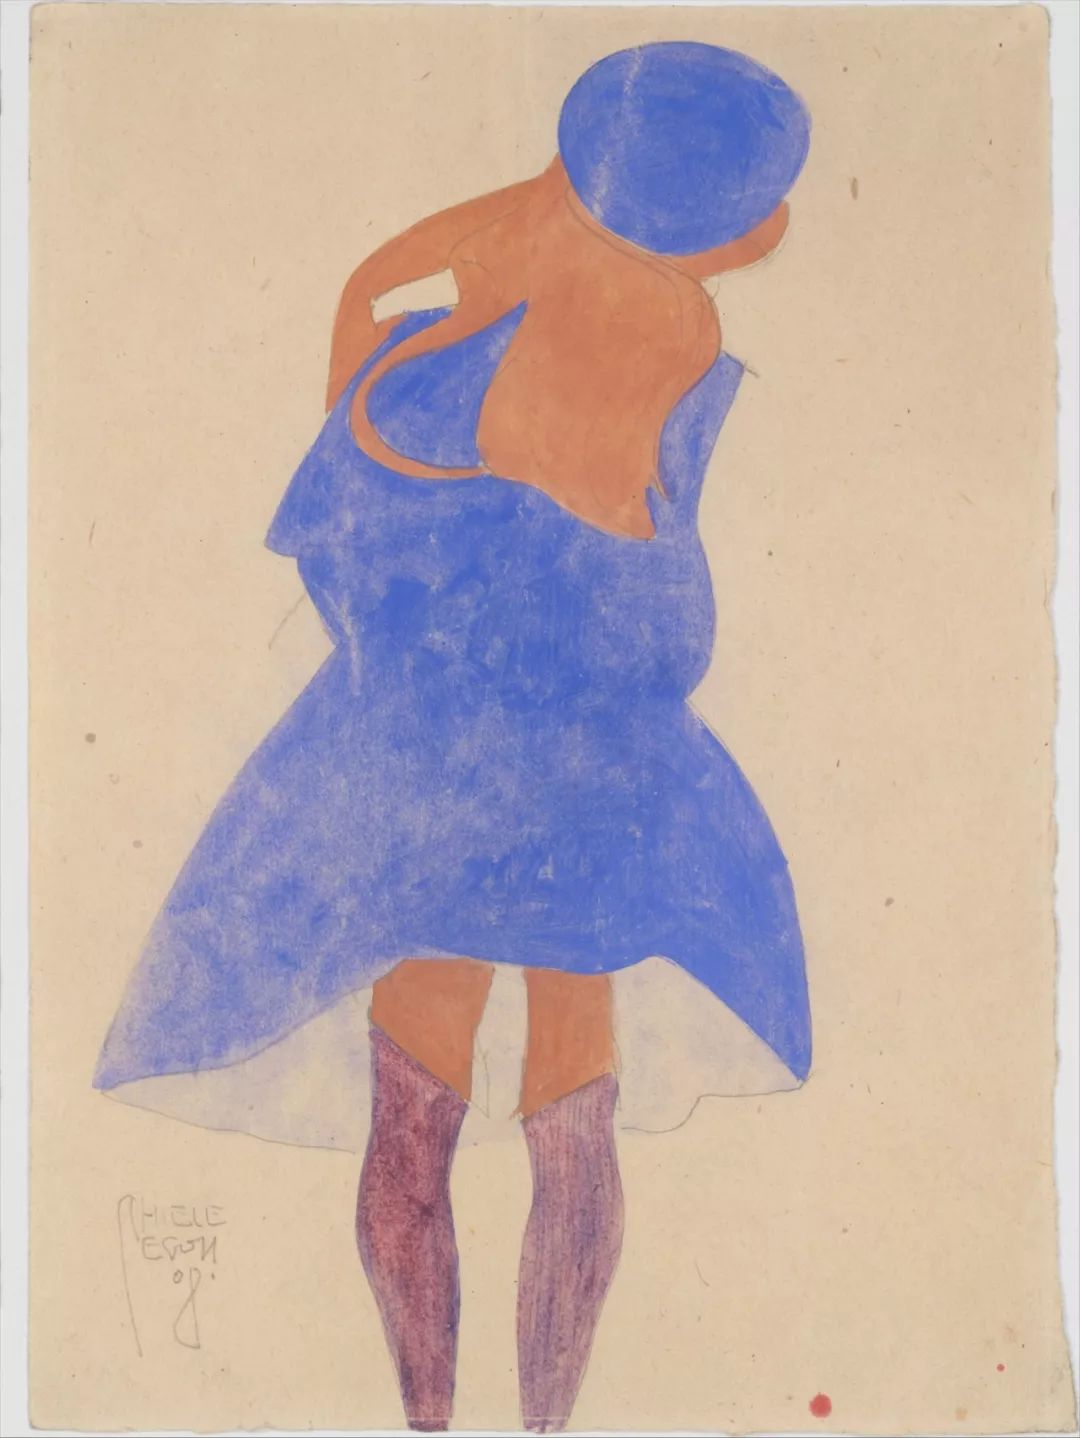 年仅28岁,生前遭受非议,死后却被捧为直逼心灵的艺术家插图133